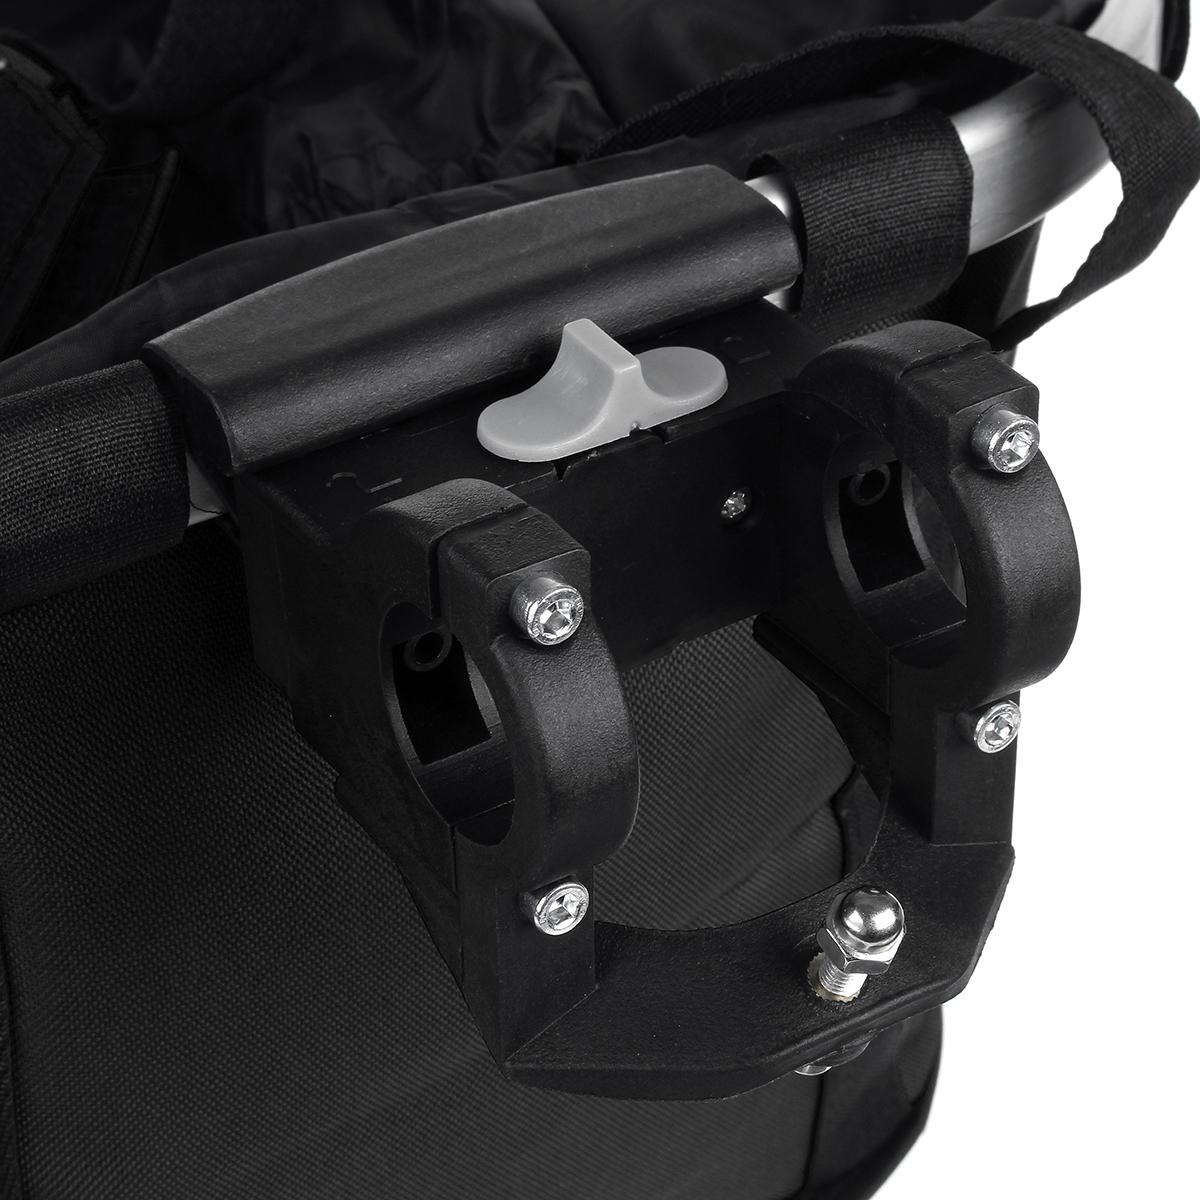 33x28x25CM Foldable Bicycle Front Basket Bike Handlebar Basket Pet Dog Carrier MTB Road Bike Frame Bag